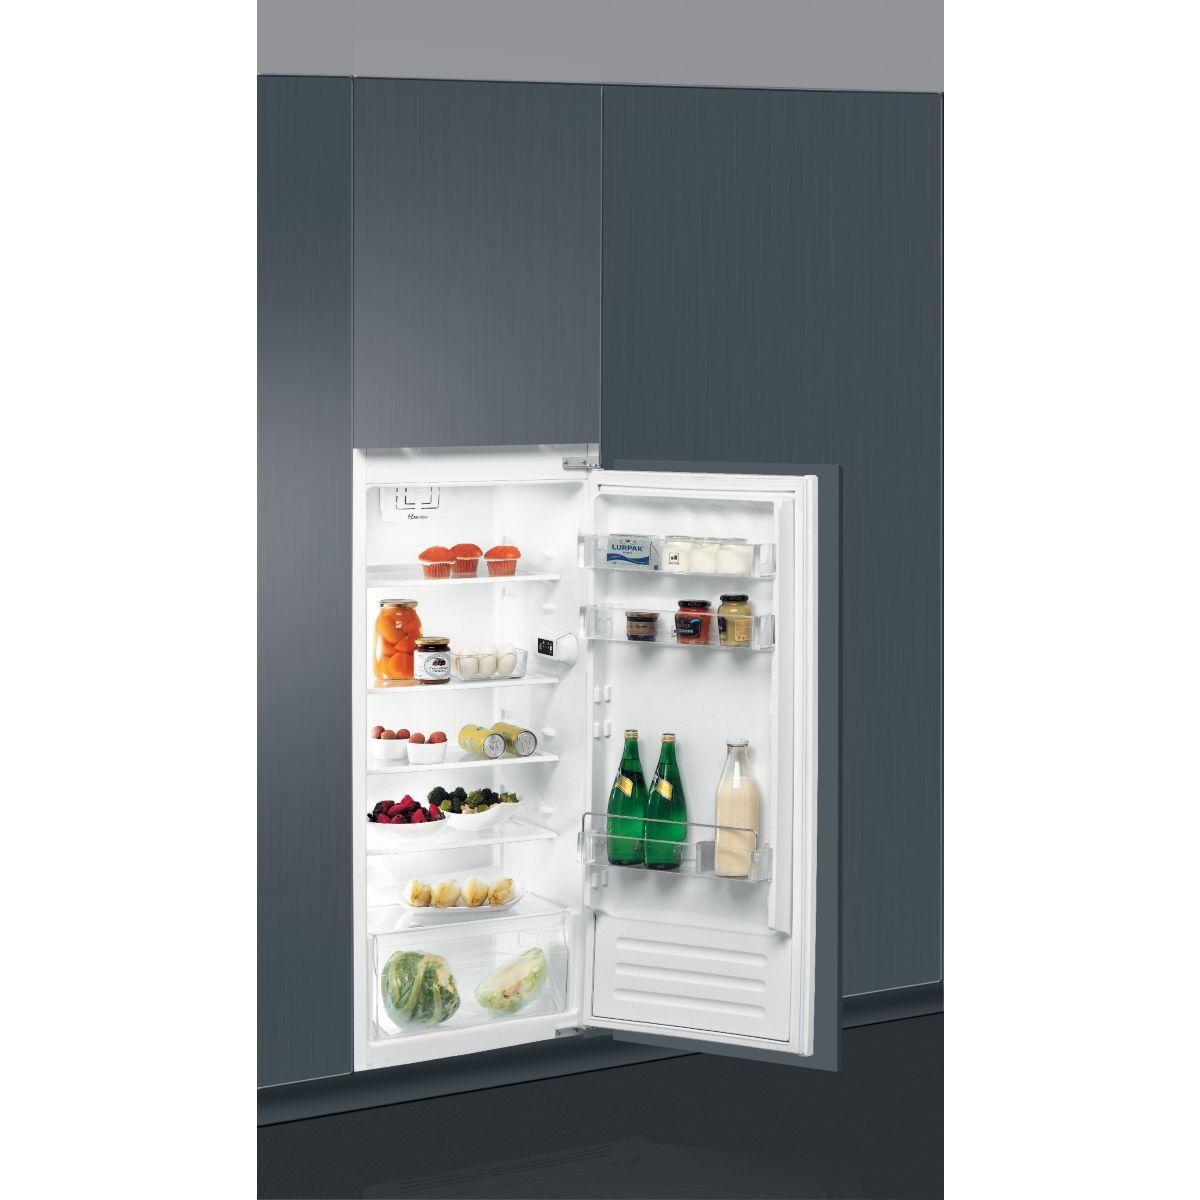 Réfrigérateur encastrable WHIRLPOOL ARG855/A+